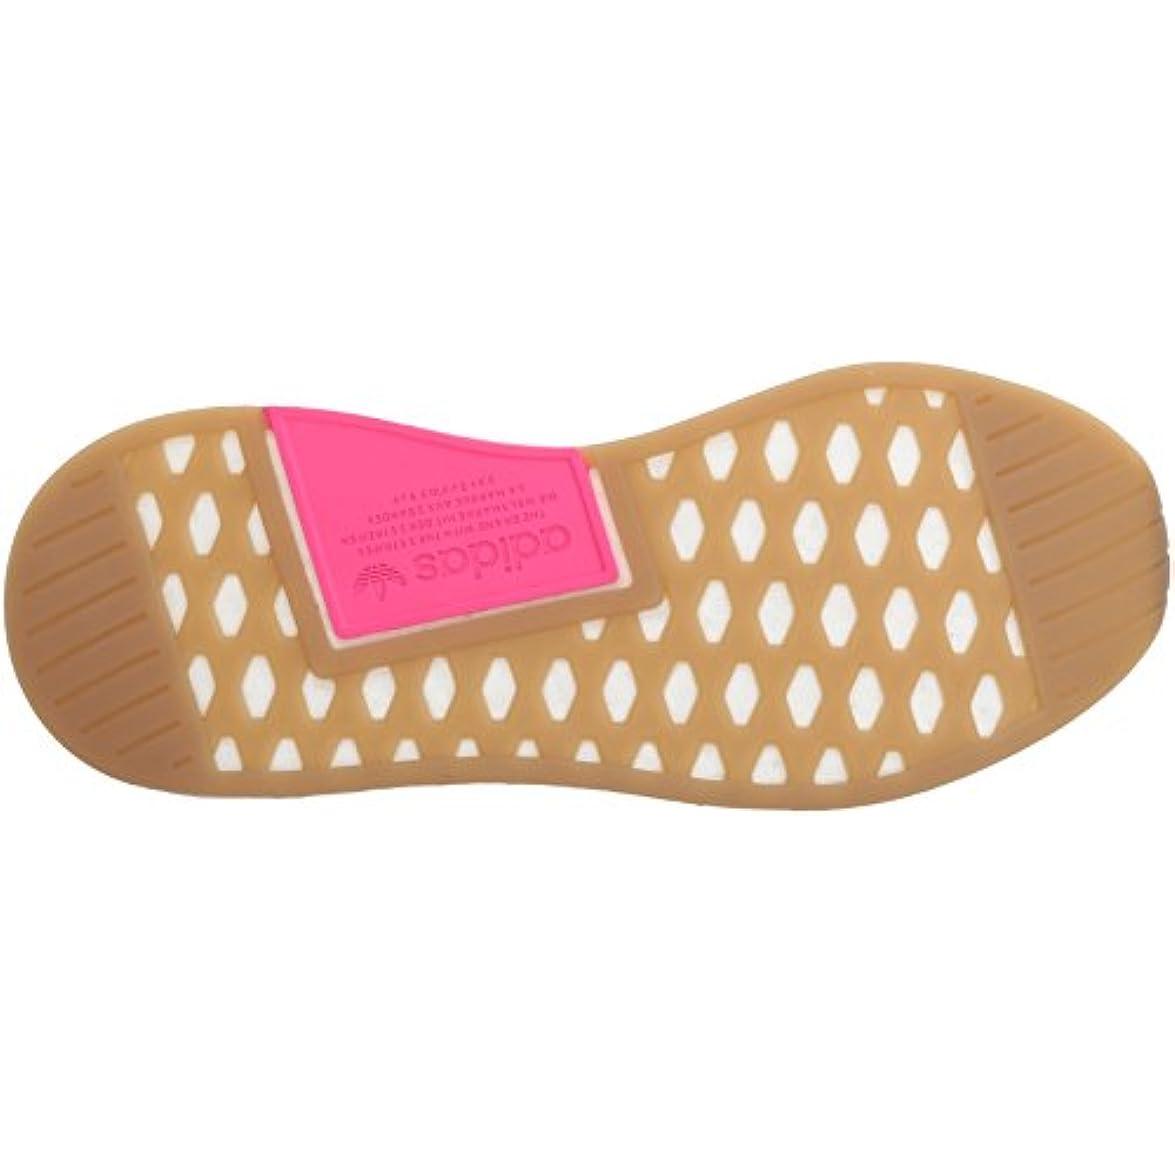 Adidas Originalsnmd r2 Pk W - Nmd r2 Da Donna Uomo Bianco white white shock Pink 40 5 Eu